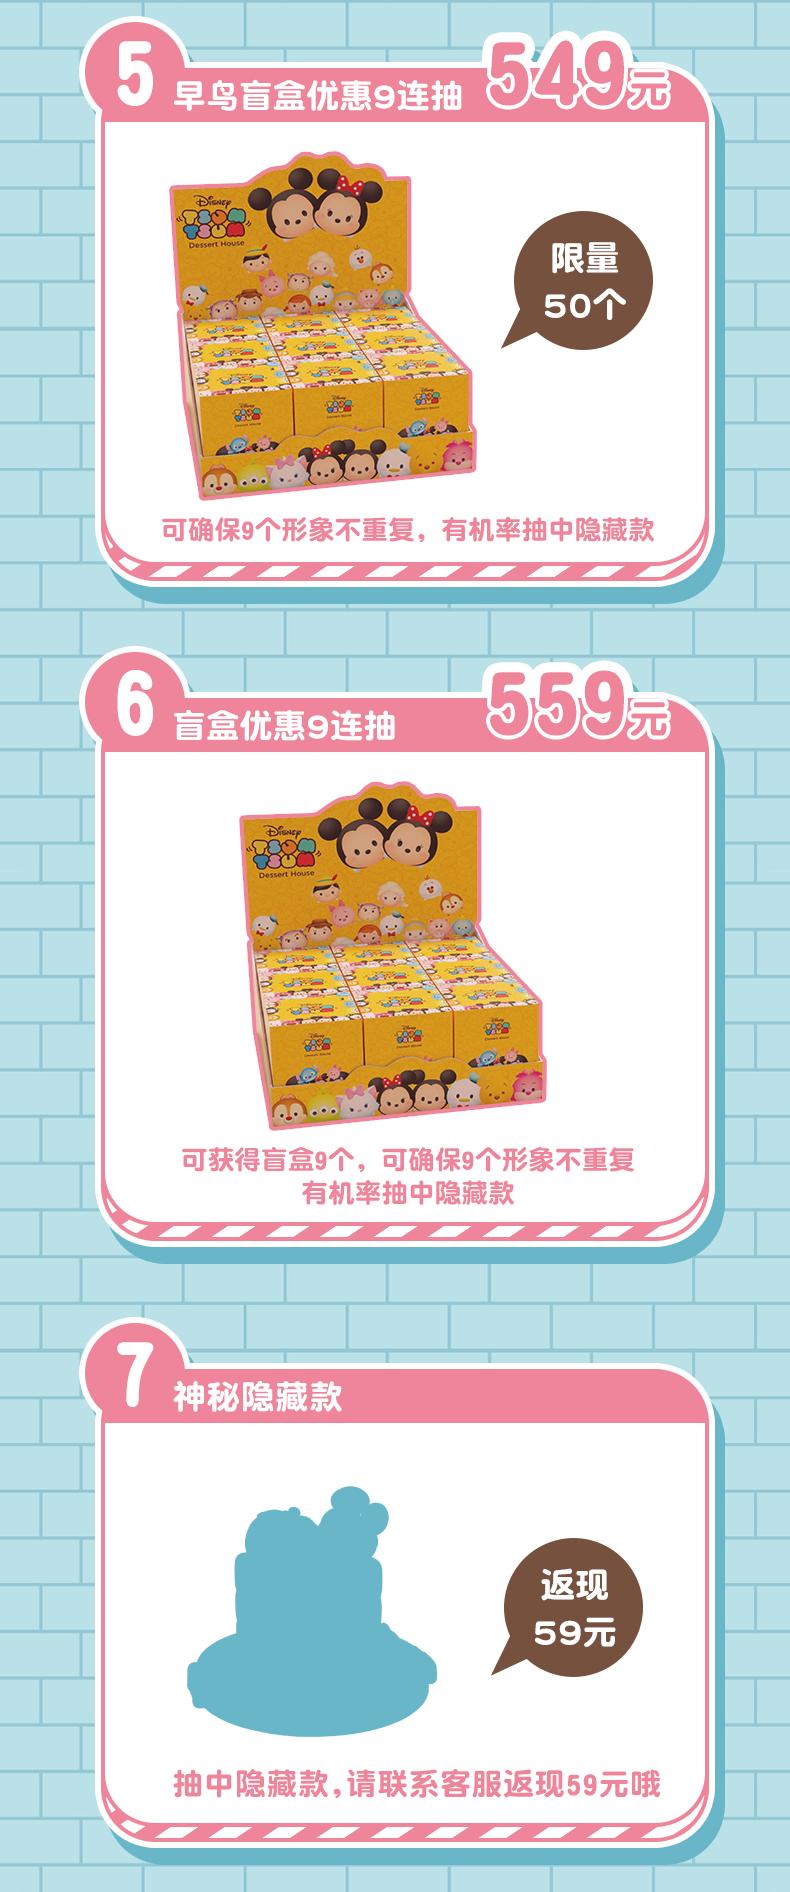 众筹-福利解锁-04.jpg